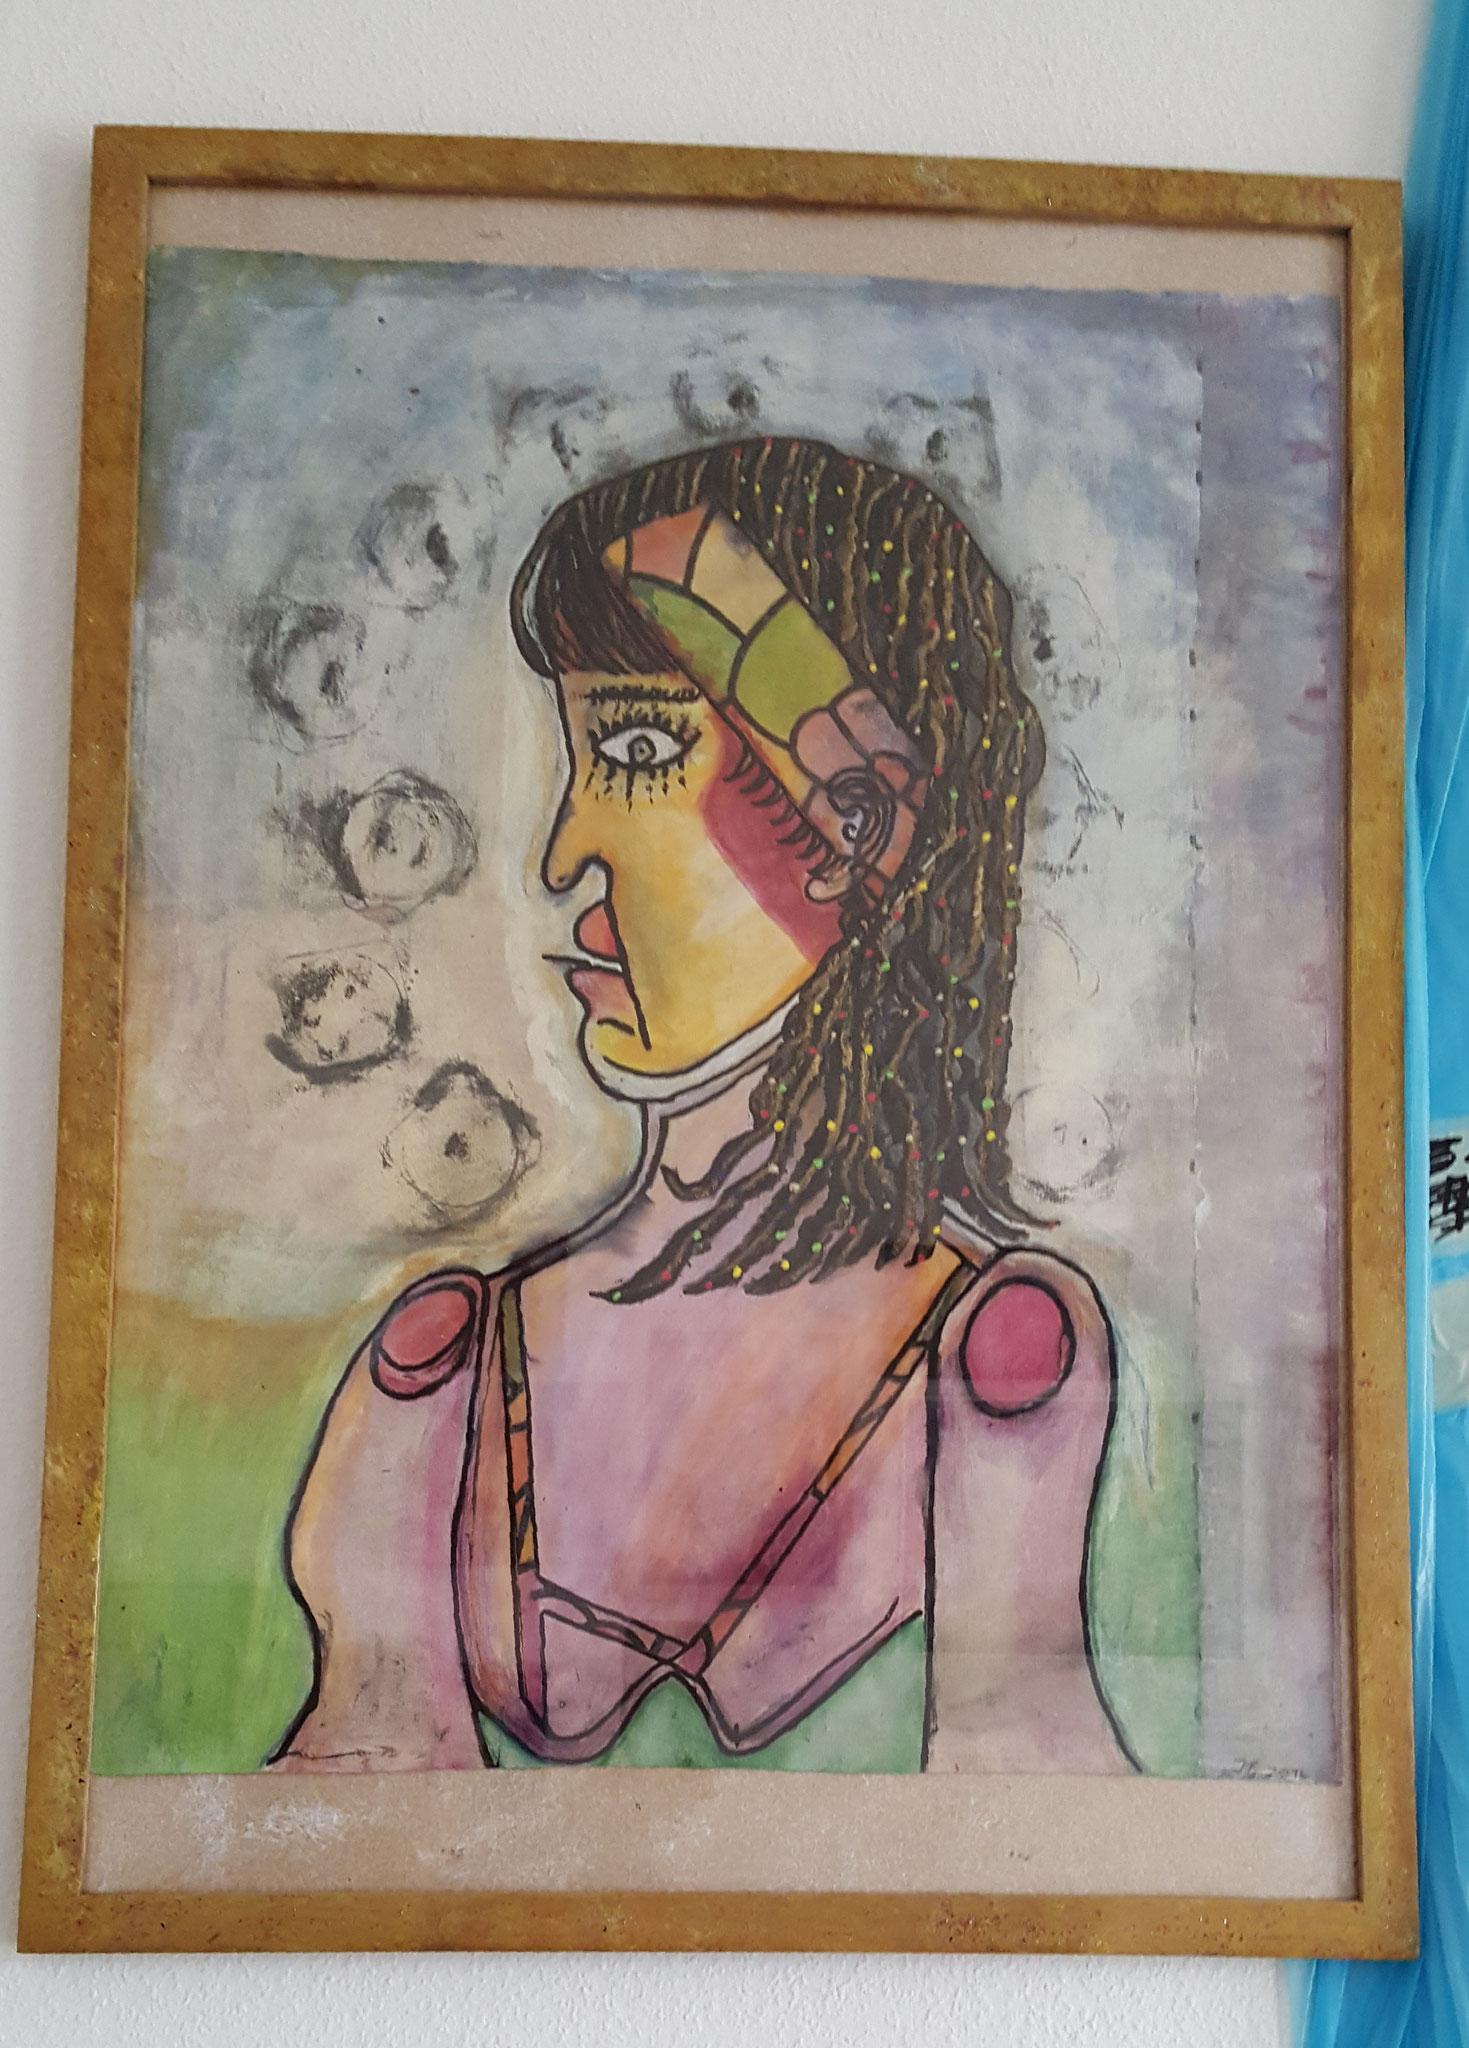 Madame, Bild, 72x53cm Fr. 450.--, Fr. 490.-- m/R.ahmen